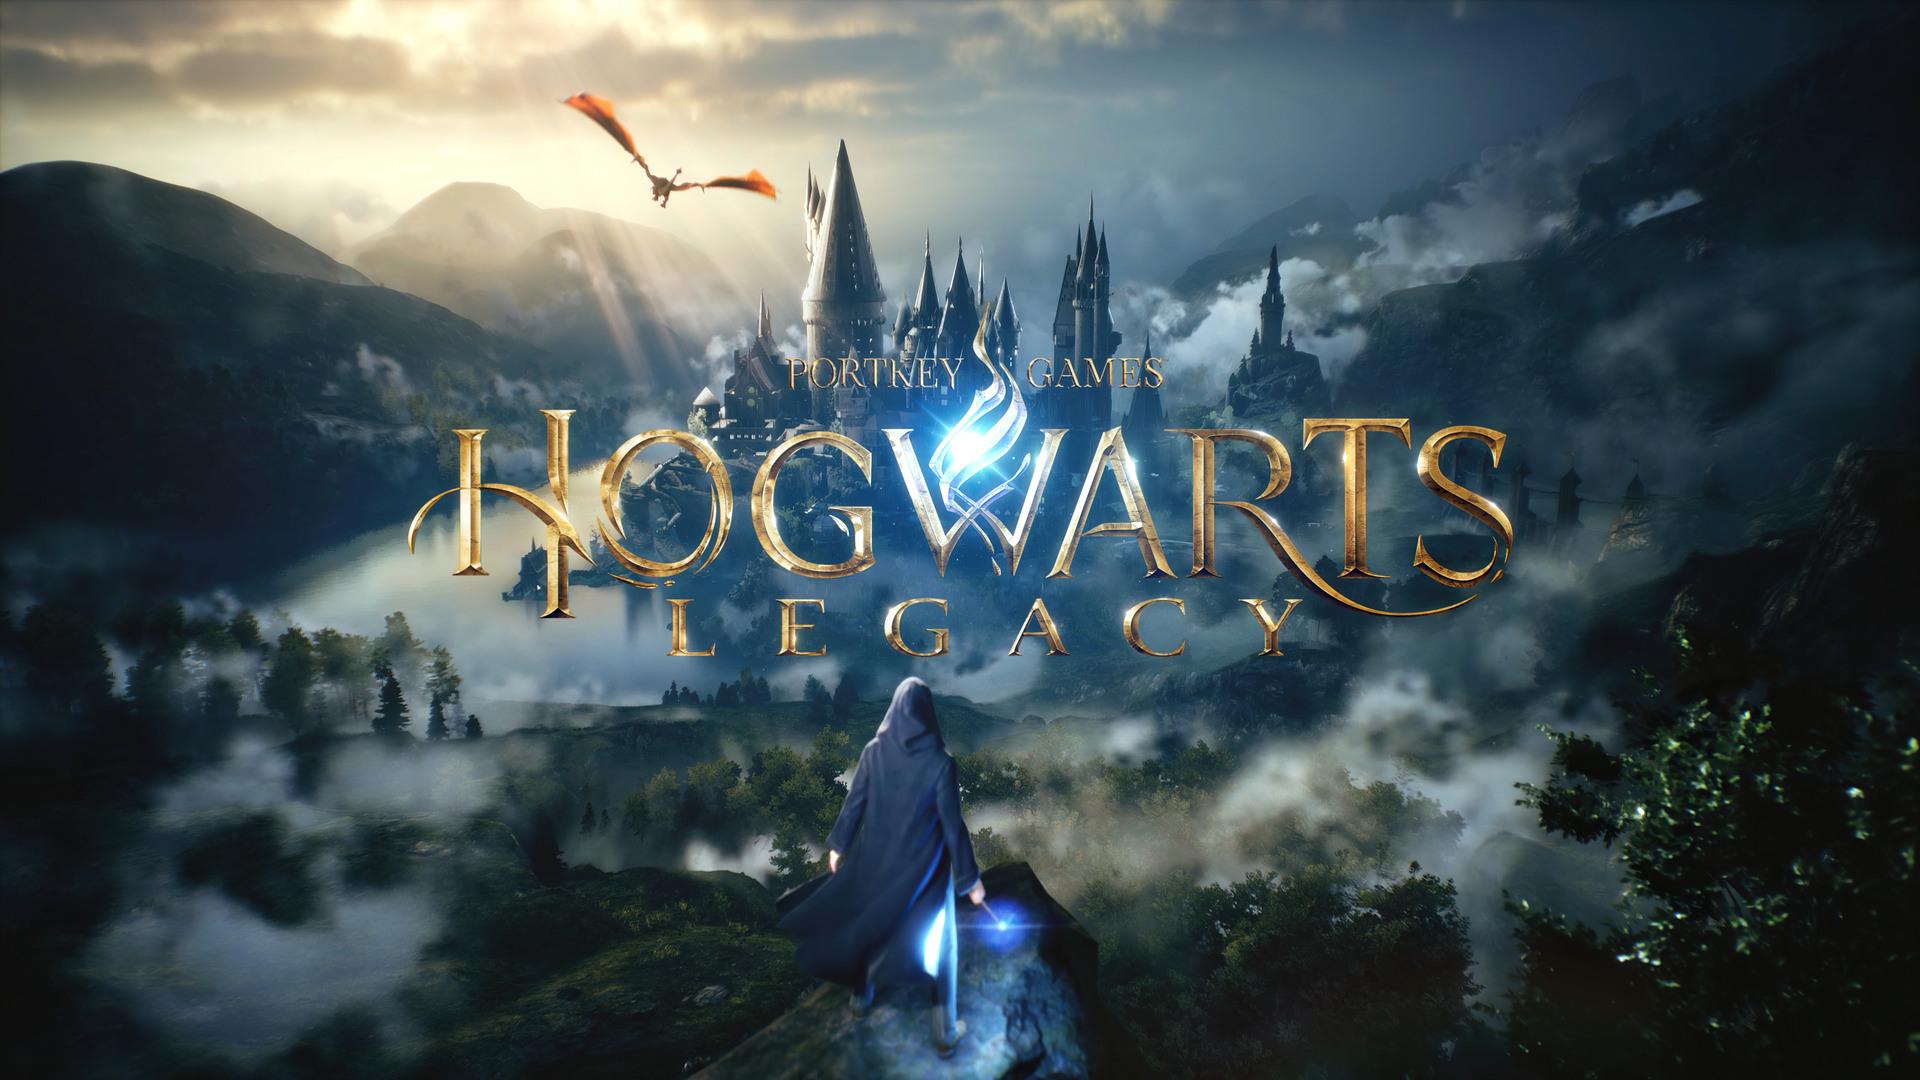 ต้องรอกันอีกแล้ว! เมื่อ Hogwarts Legacy เปลี่ยนกำหนดวางจำหน่ายอย่างเป็นทางการใหม่ เป็นภายในปี 2022